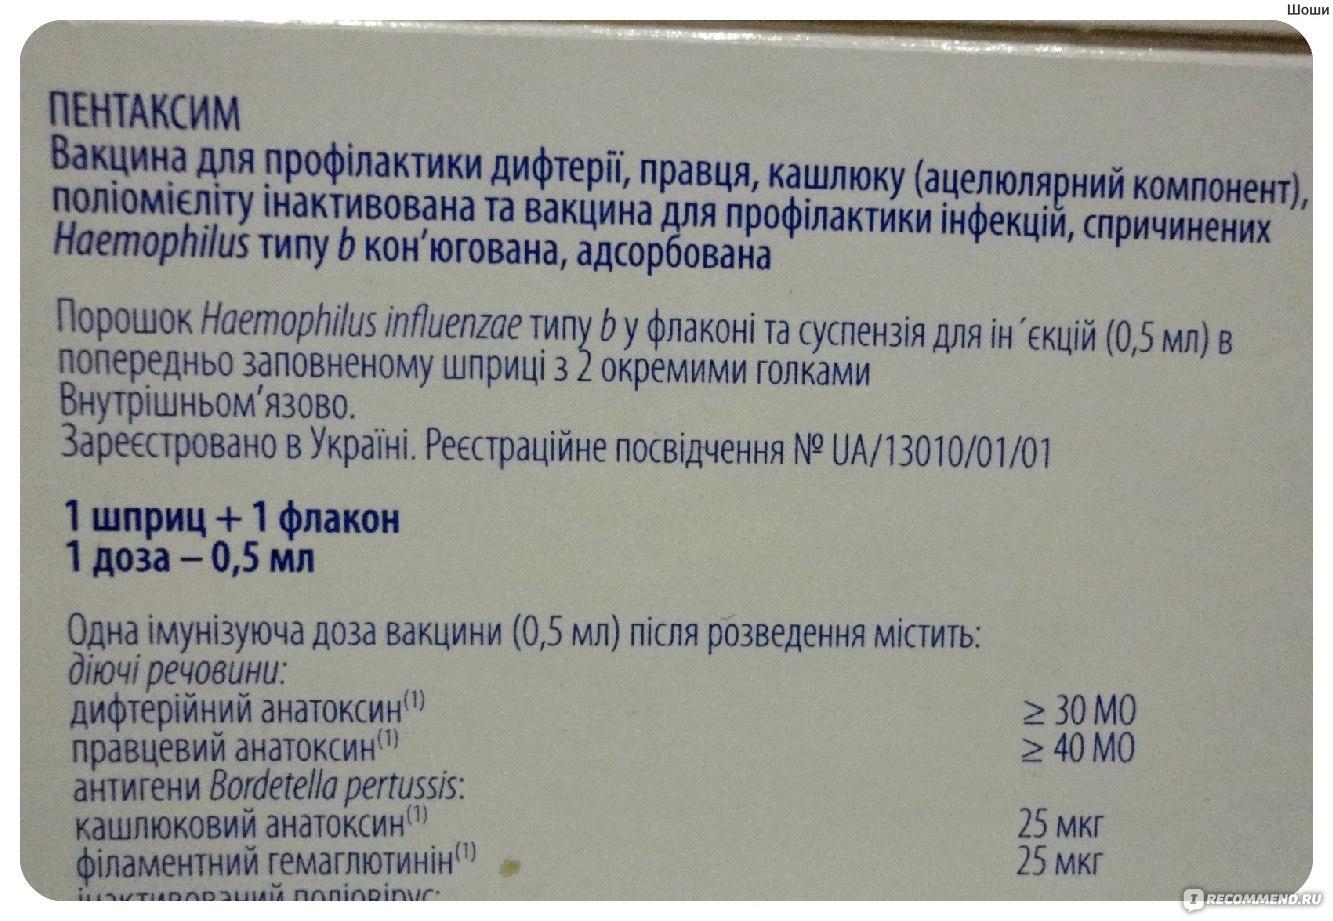 Вакцина «пентаксим»: отзывы, инструкция по применению, состав